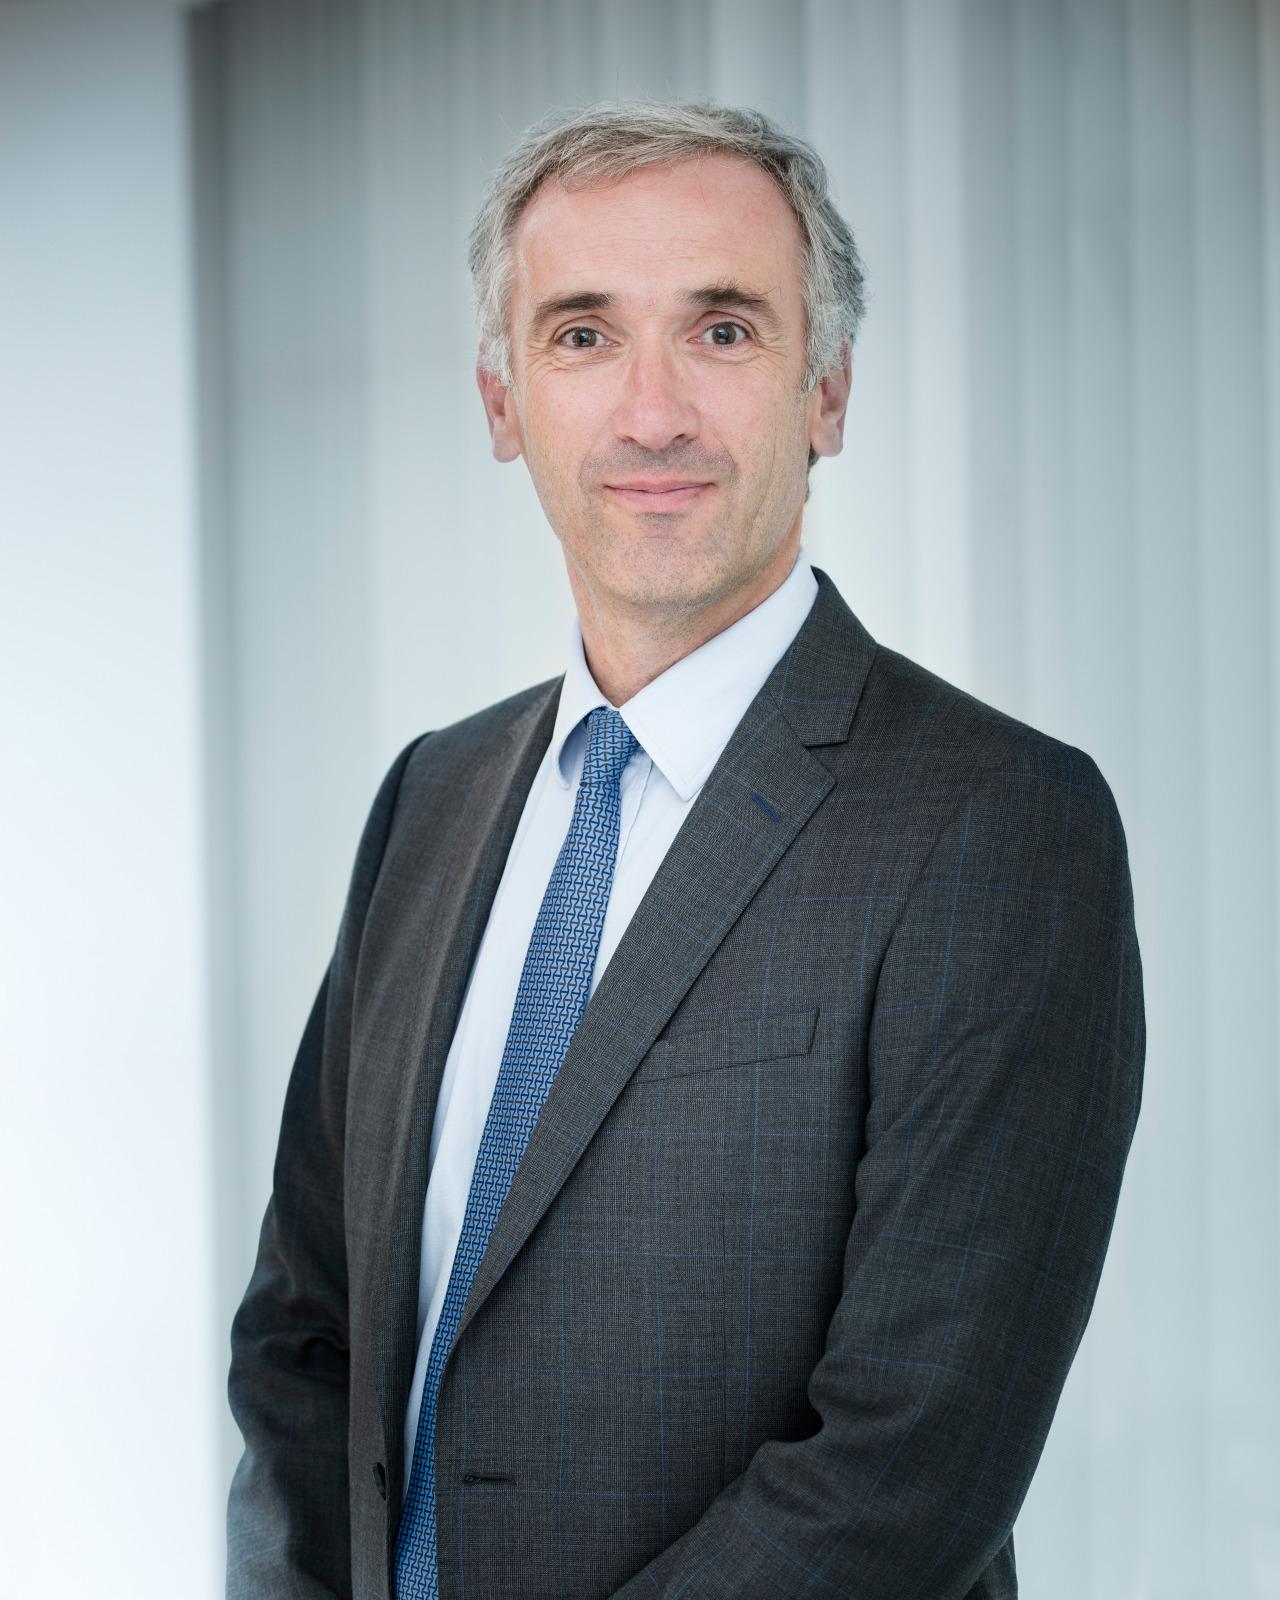 Pascal Laguerre est nommé Chief Technology Officer de Daher